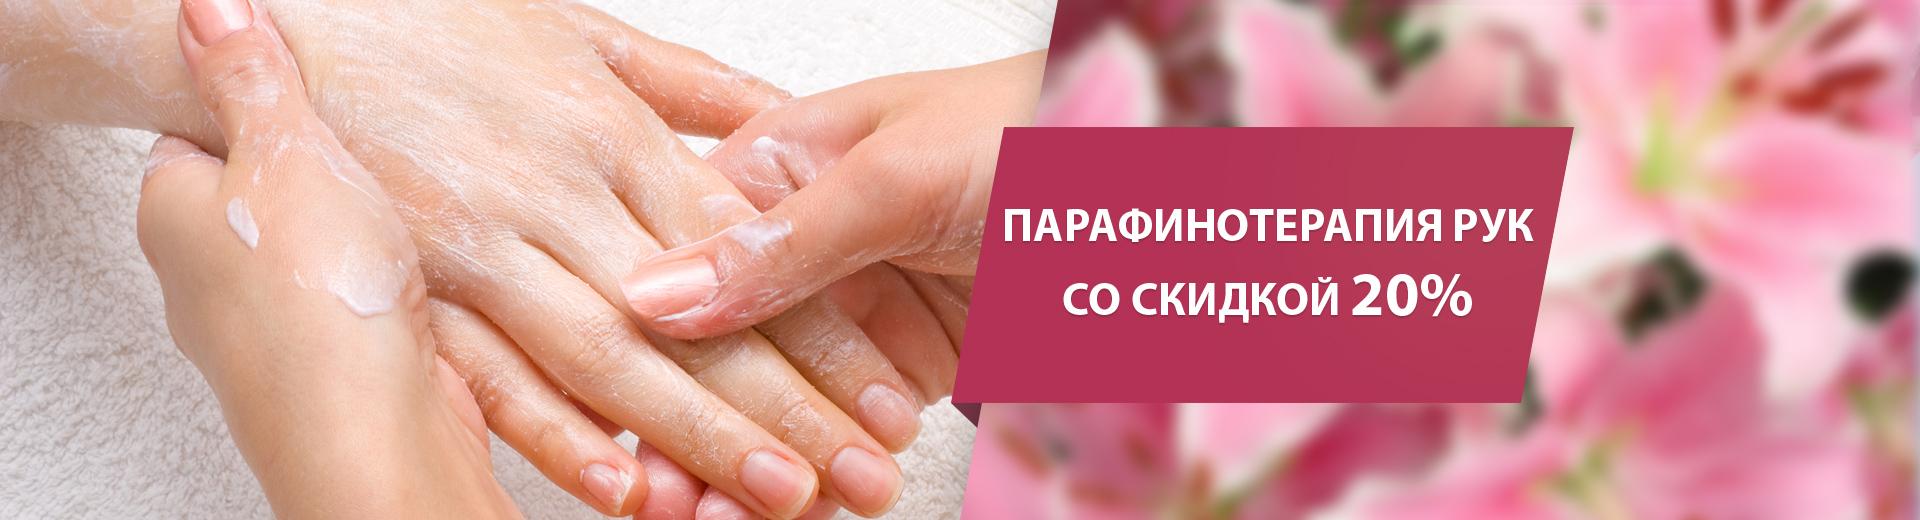 Парафинотерапия рук со скидкой 20%